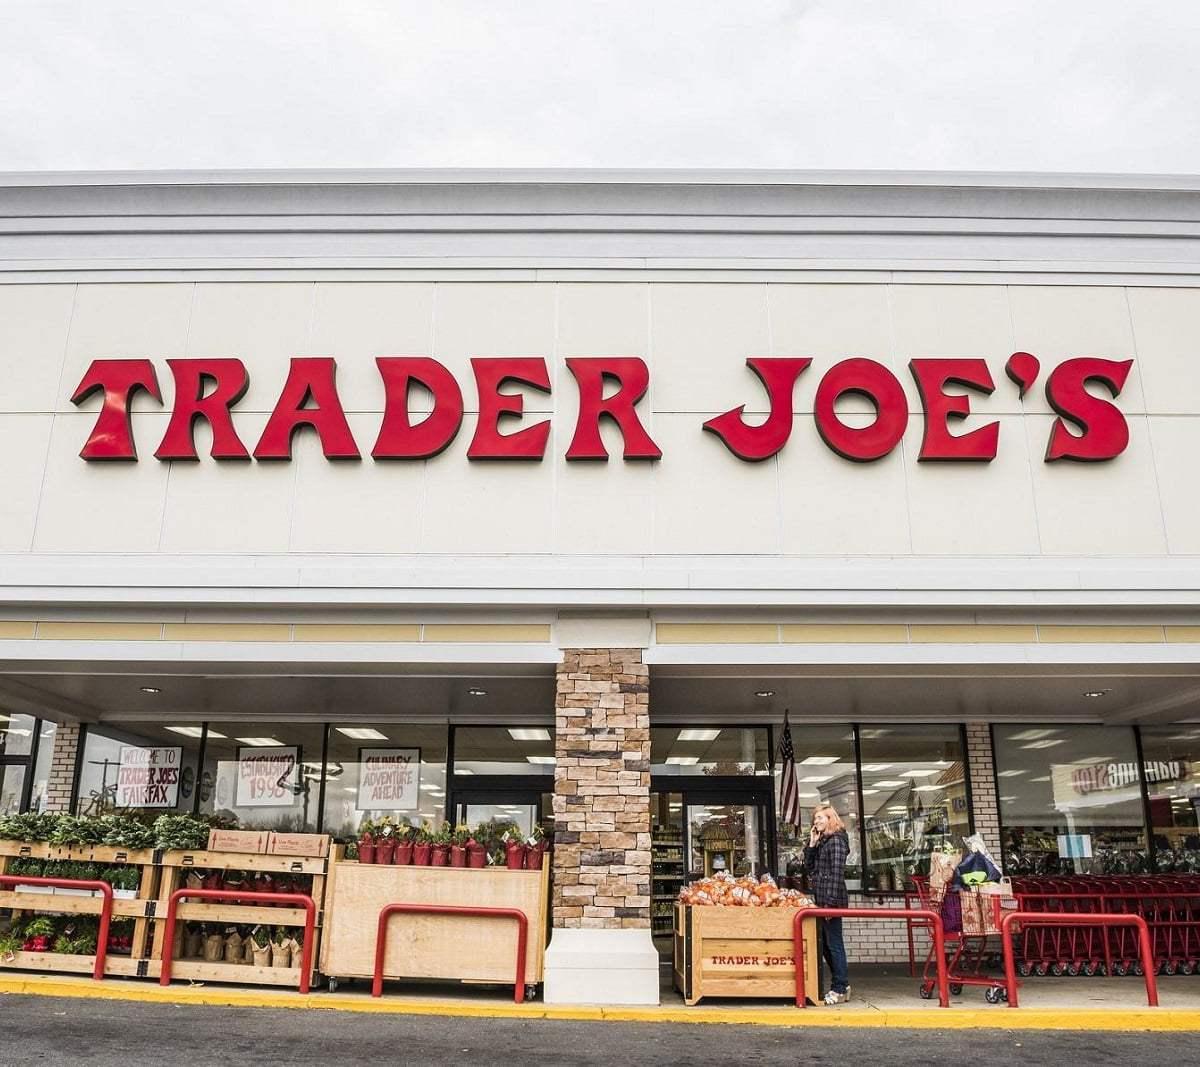 شركة «Trader Joe's» تعفي المتسوقين من ارتداء الأقنعة بعد إصدار إرشادات الأقنعة الجديدة